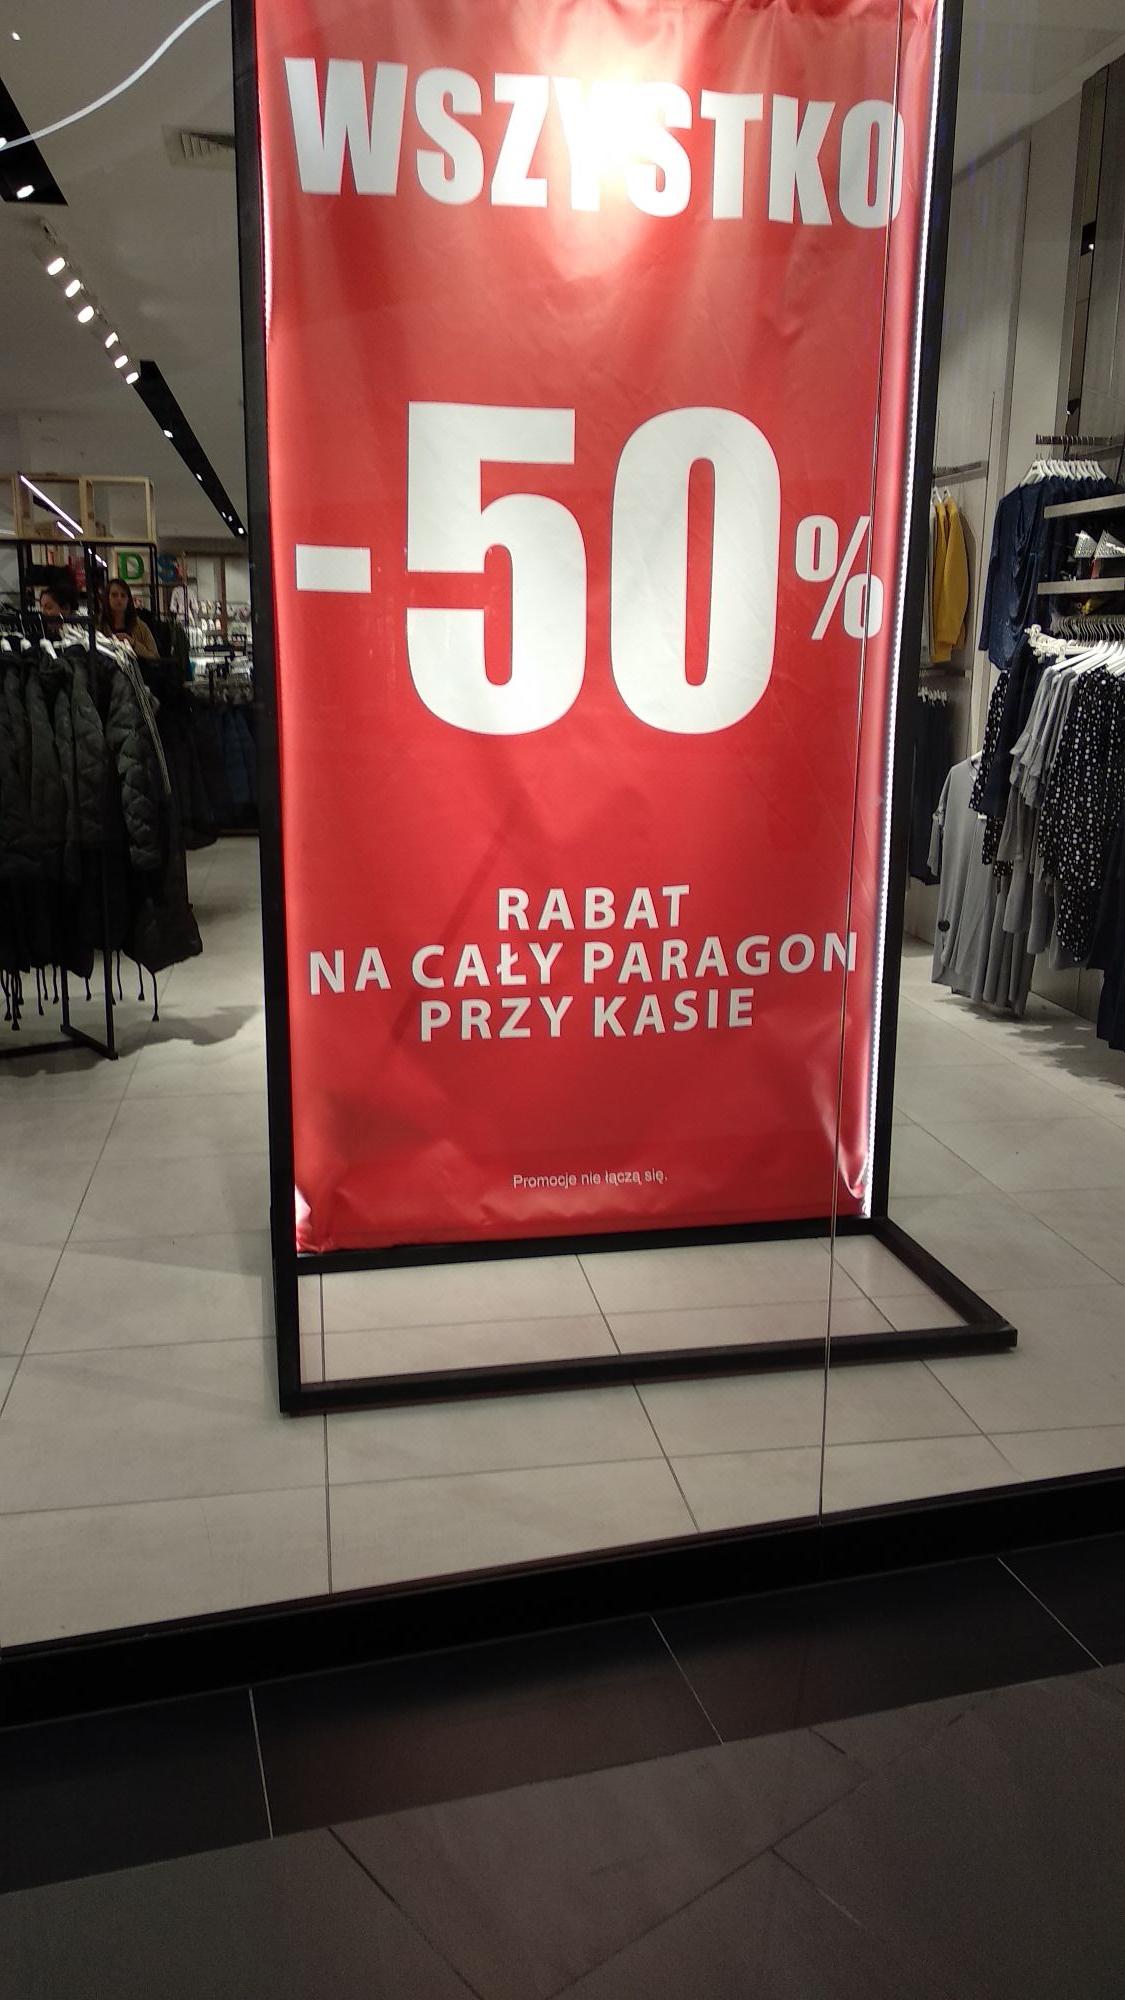 Carry wszystko -50%